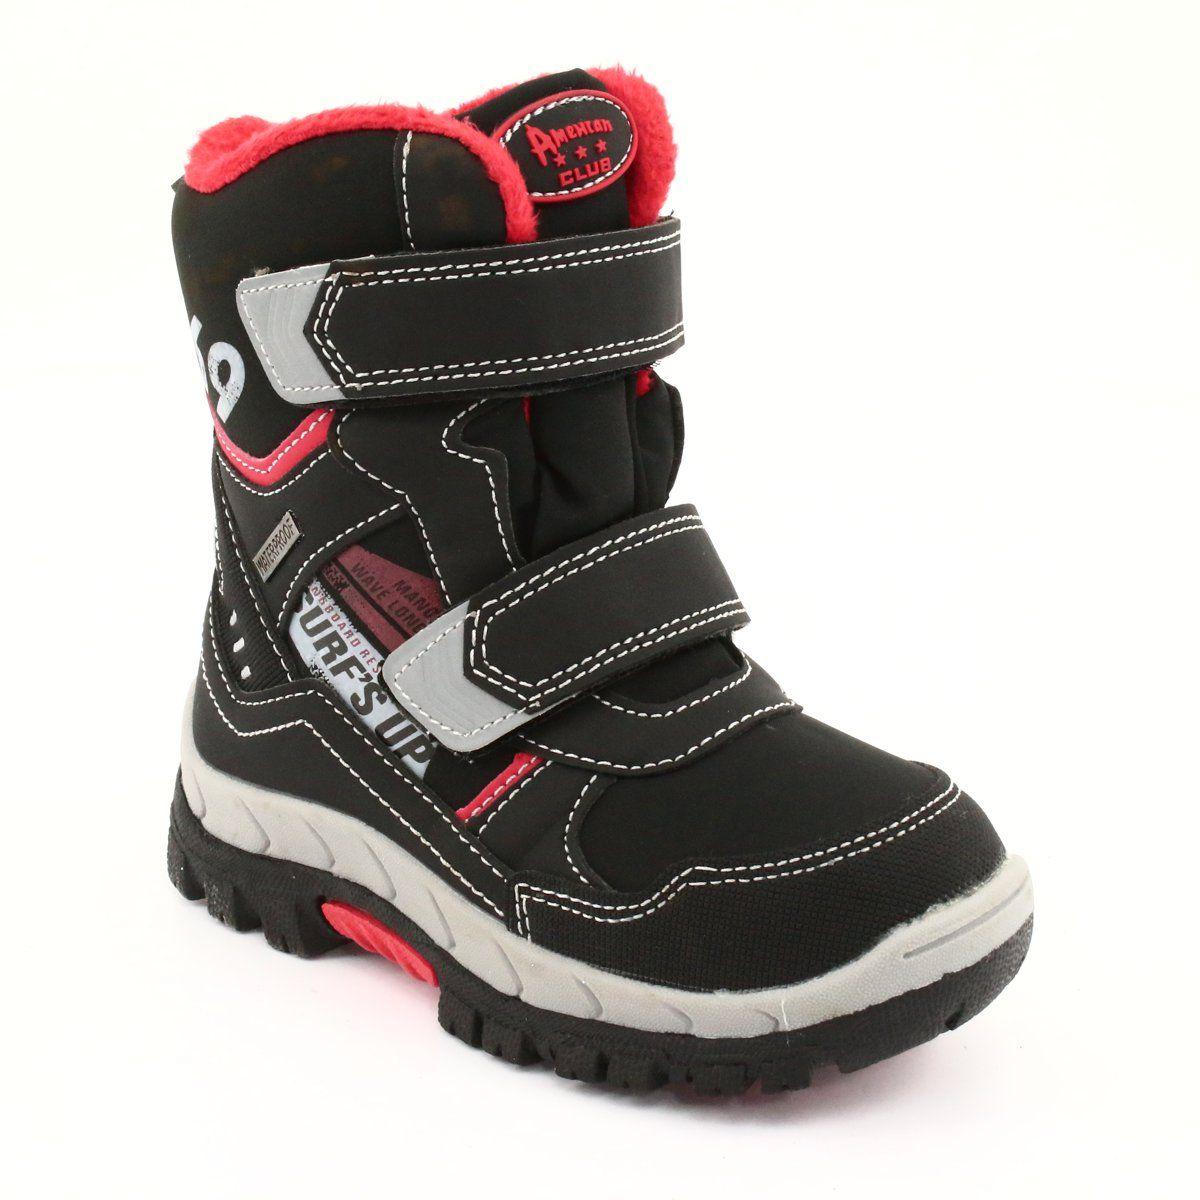 American Club Kozaki Z Membrana Rl34 Czarne Czerwone Boots Childrens Boots Kid Shoes